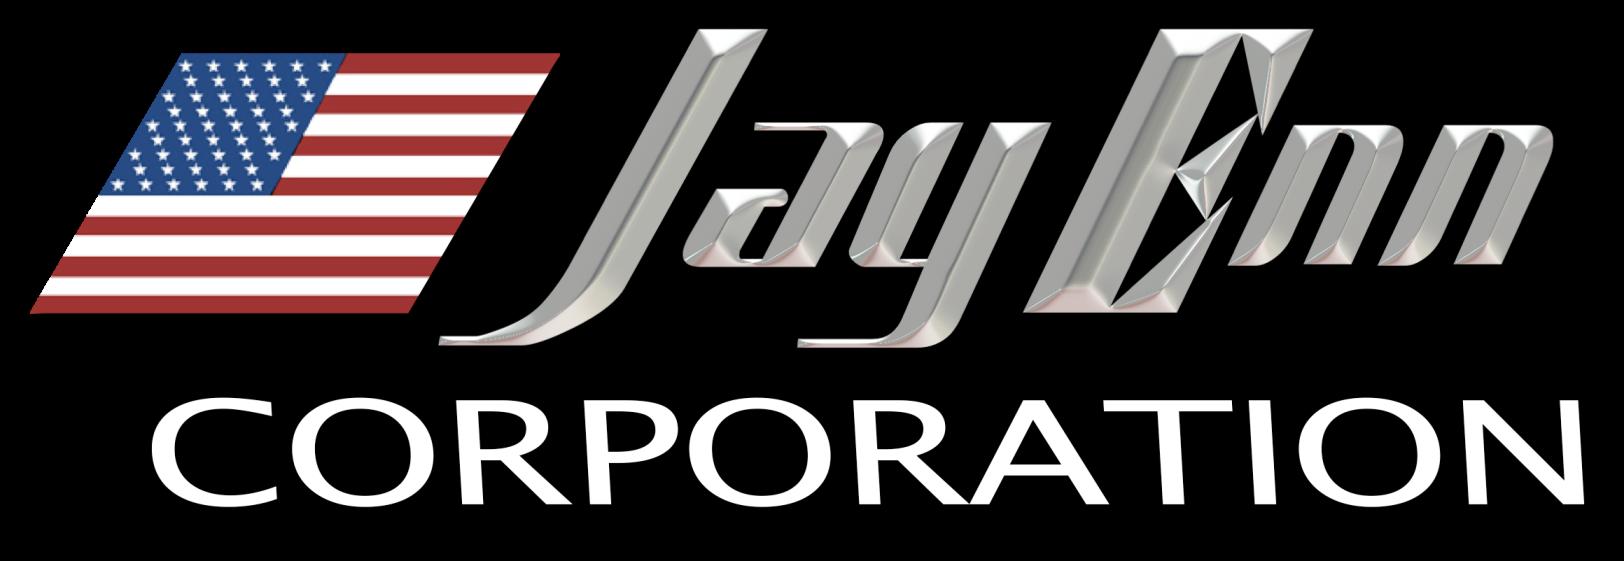 jay-enn-logo_orig.png